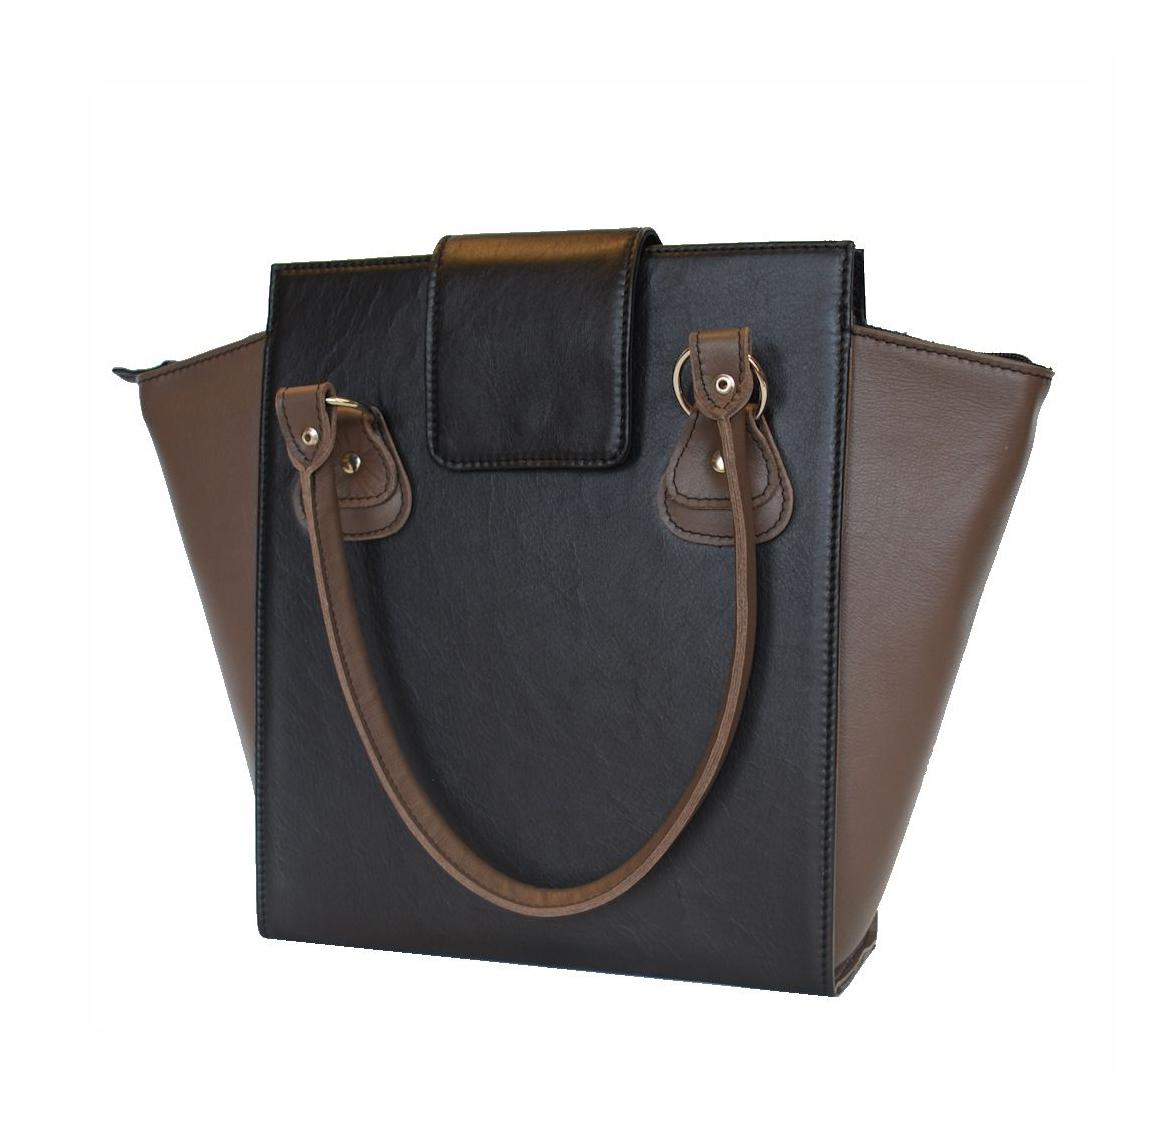 a31c1280d4be Kožená luxusná kabelka č.8644 v čierno hnedej farbe